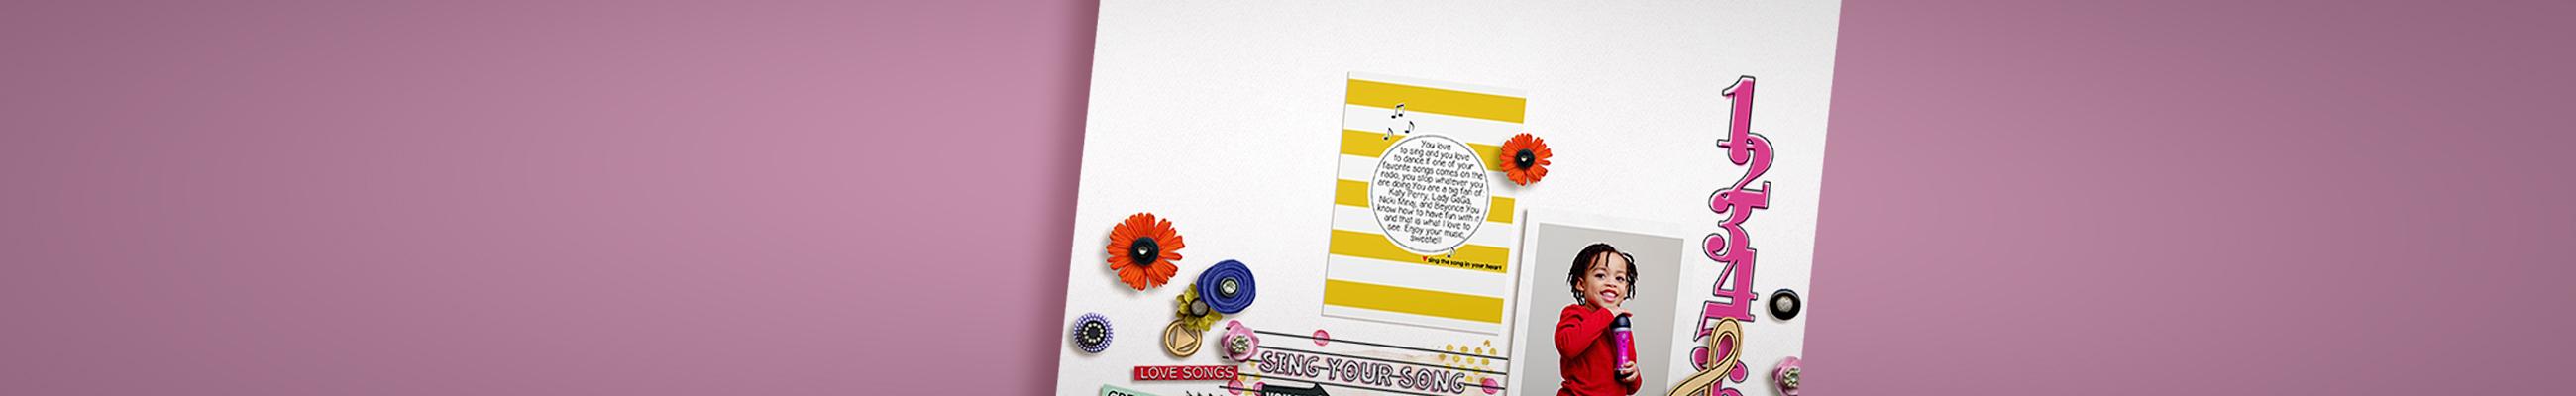 Singing Her Song | Scrapbook Challenge